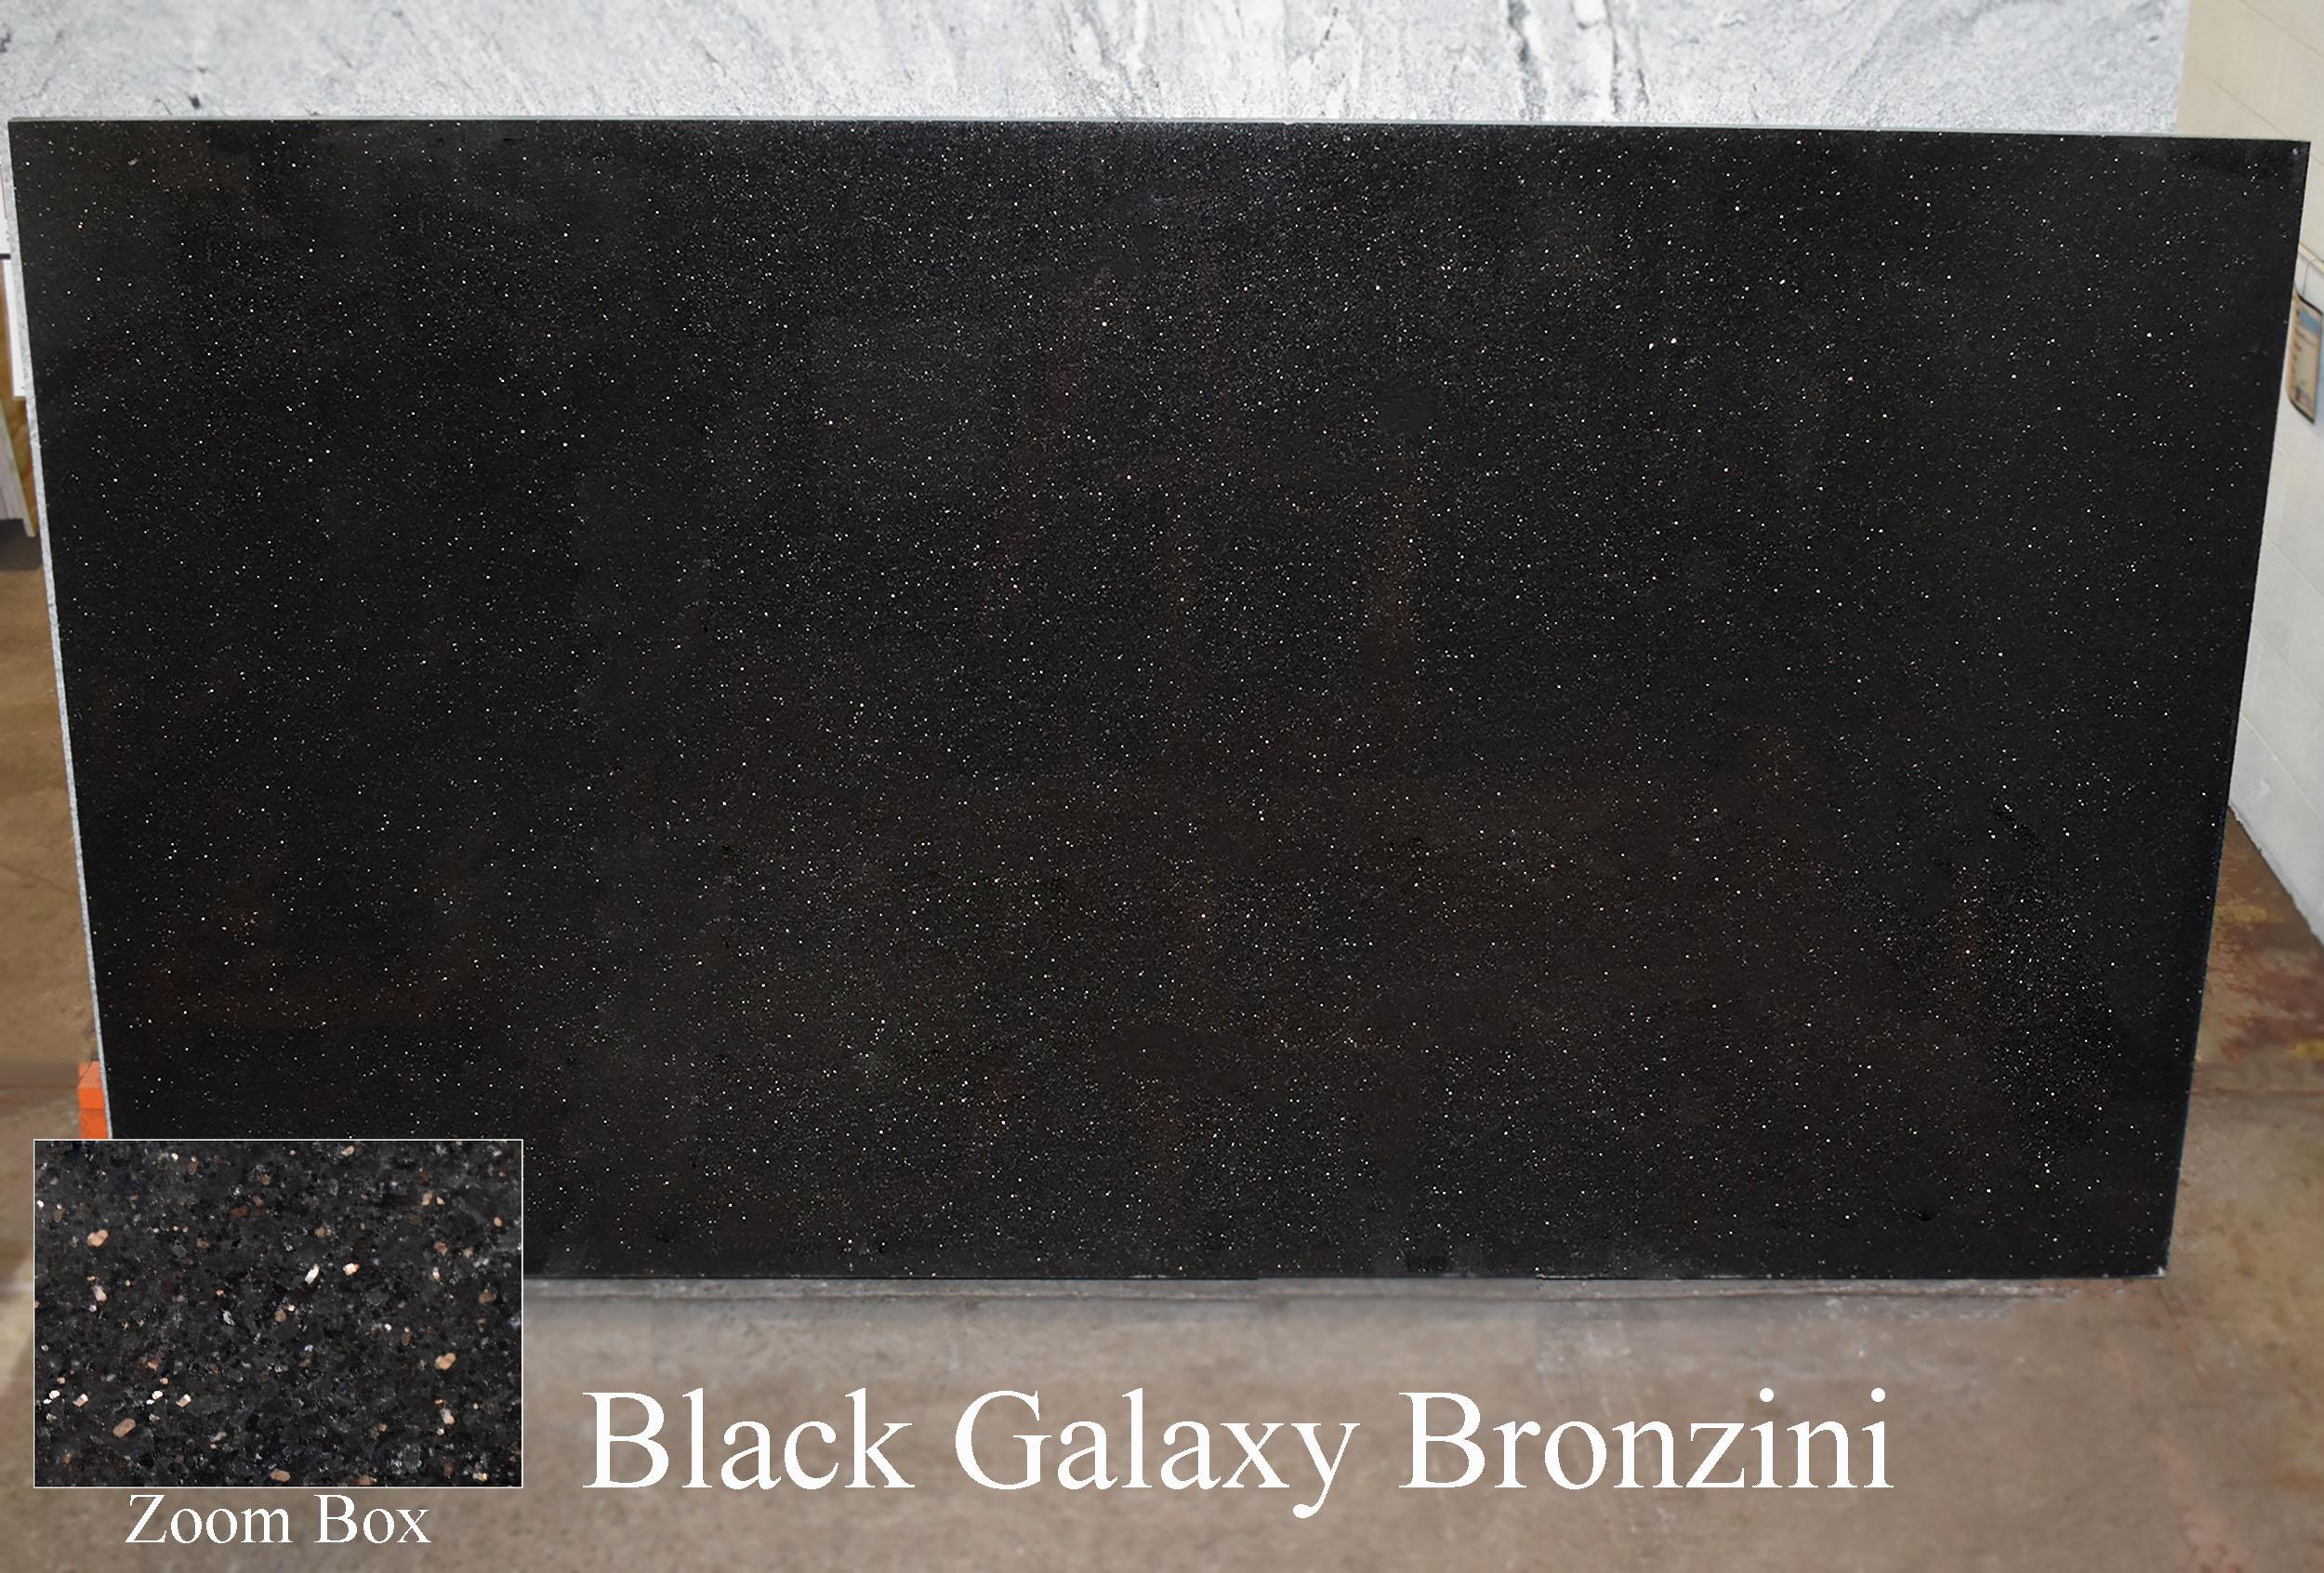 BLACK GALAXY BRONZINI